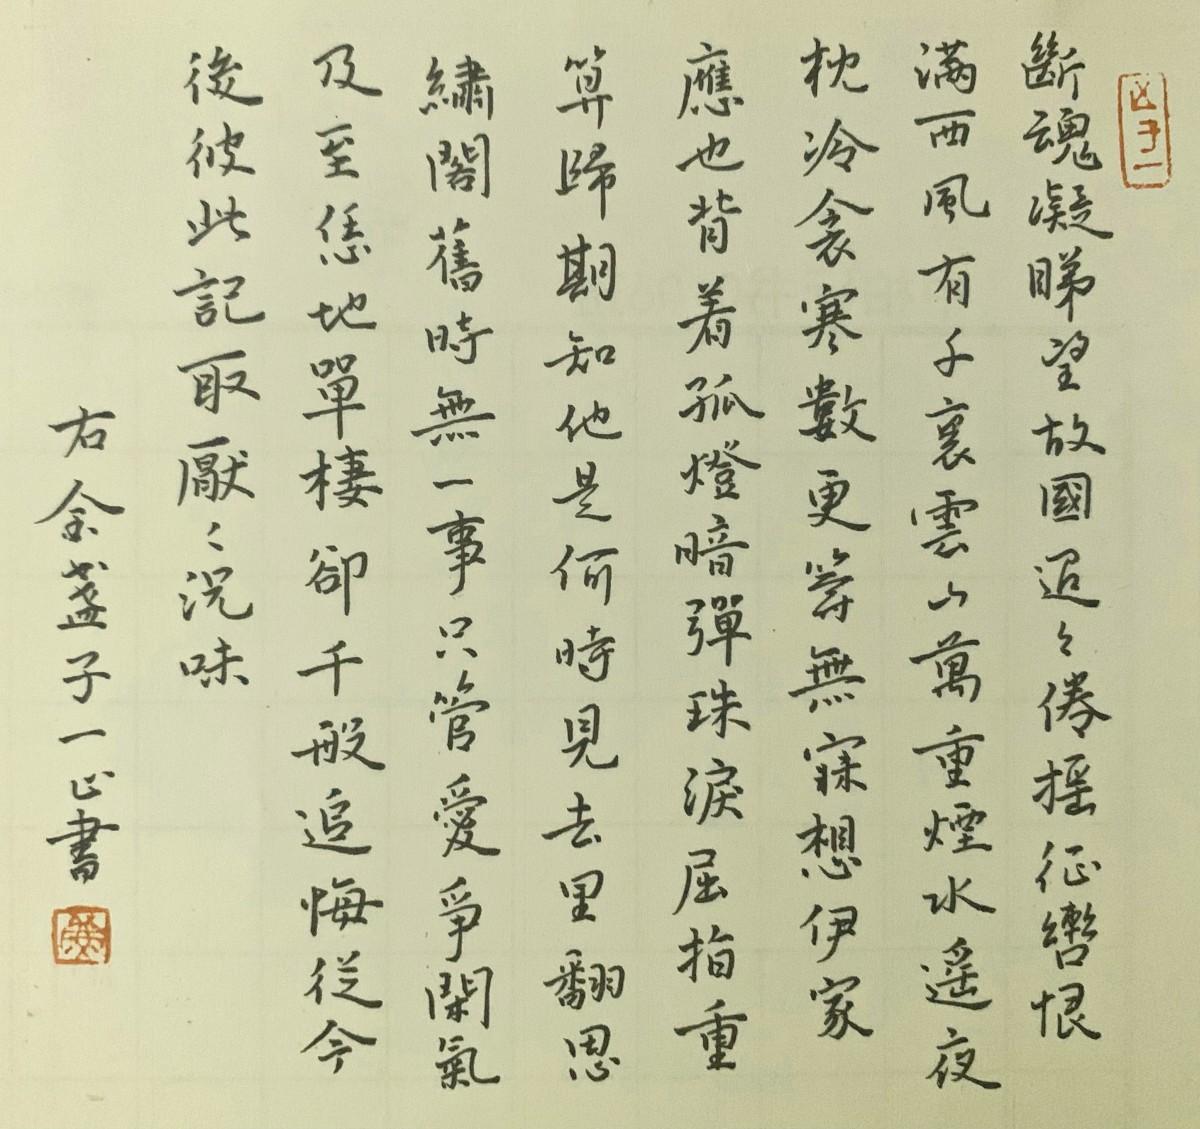 钢笔书法练字打卡20210727-29